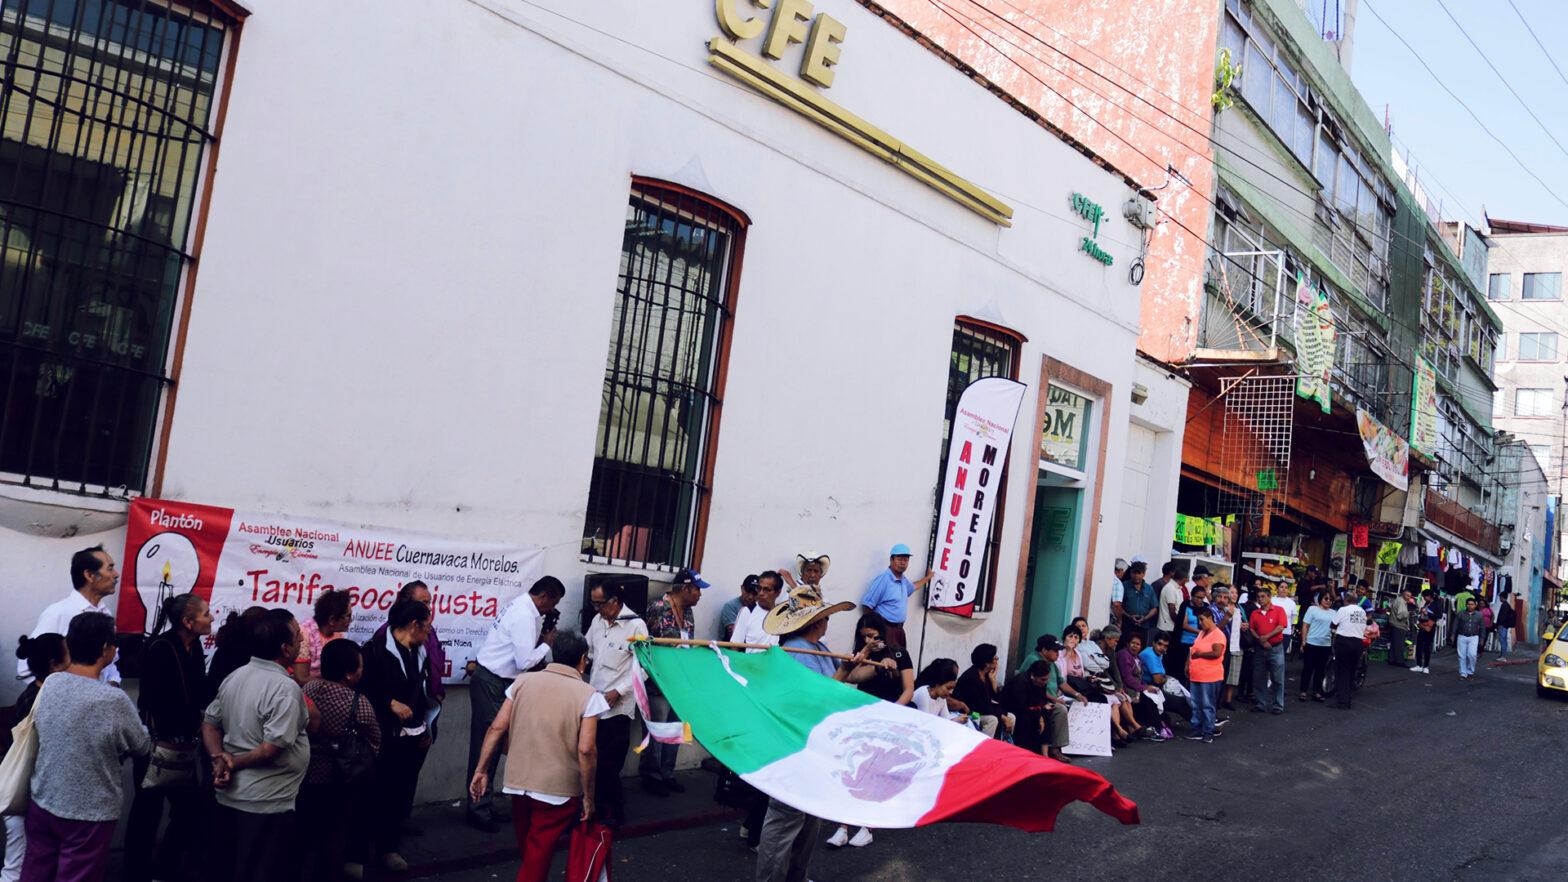 Imagen de una manifestacion de ciduadanos